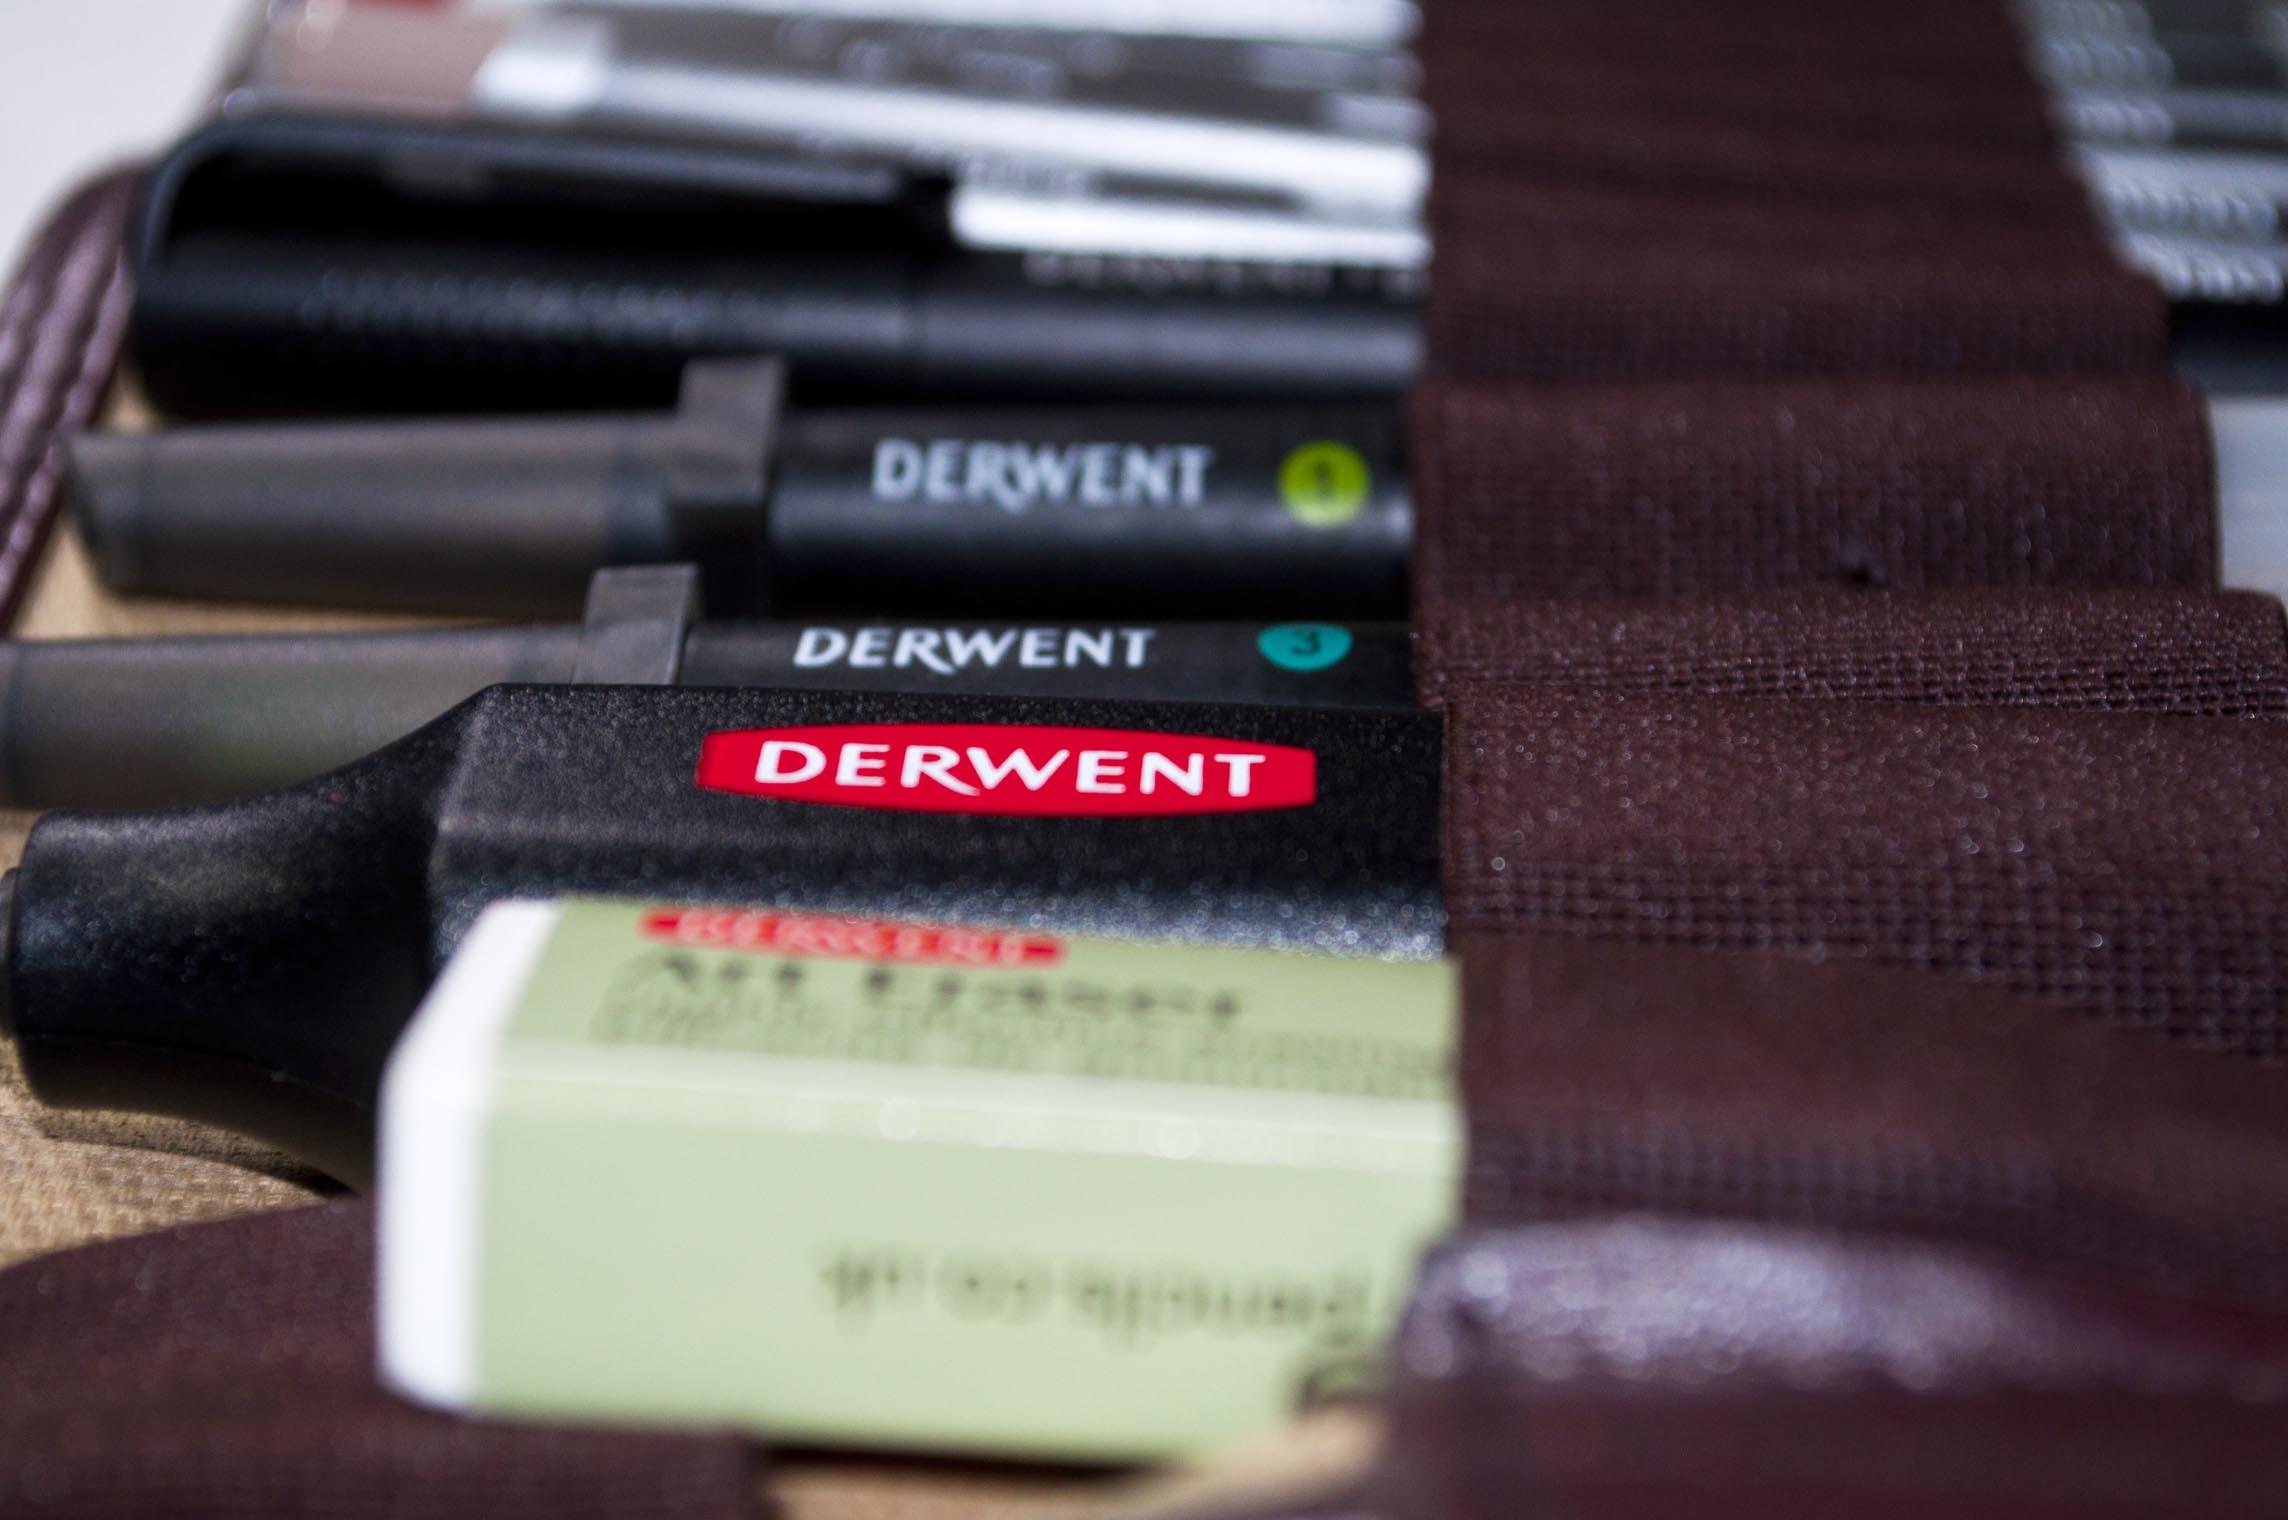 Derwent Eraser Wrap.jpg